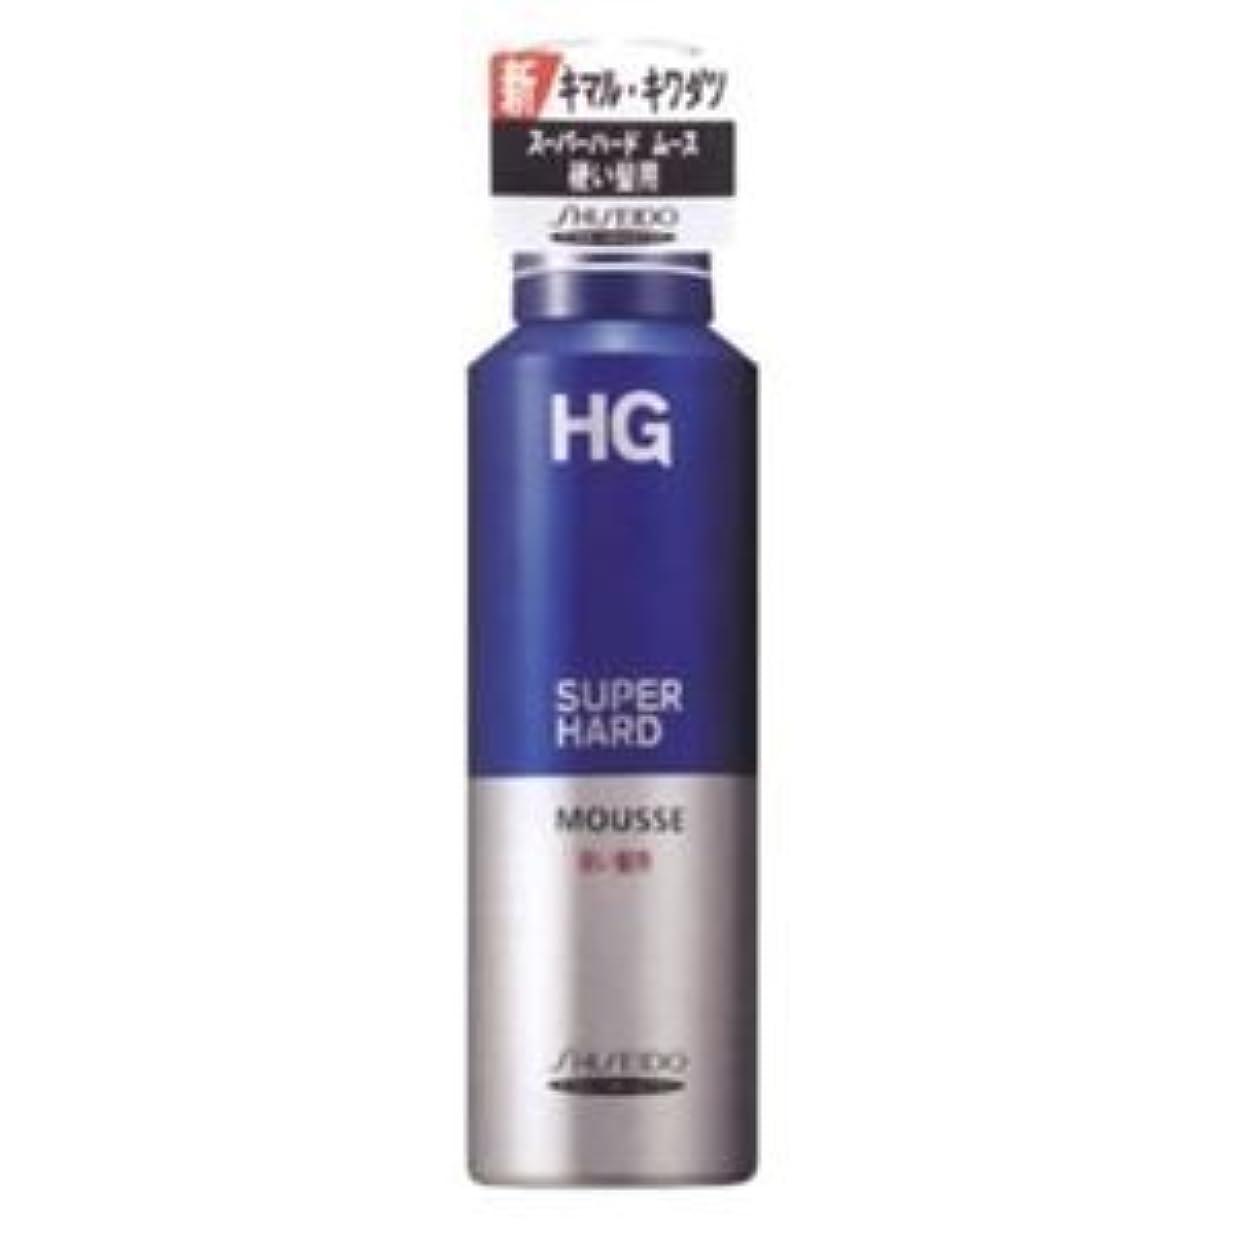 人間仕事に行く感情HG スーパーハードムース 硬い髪用